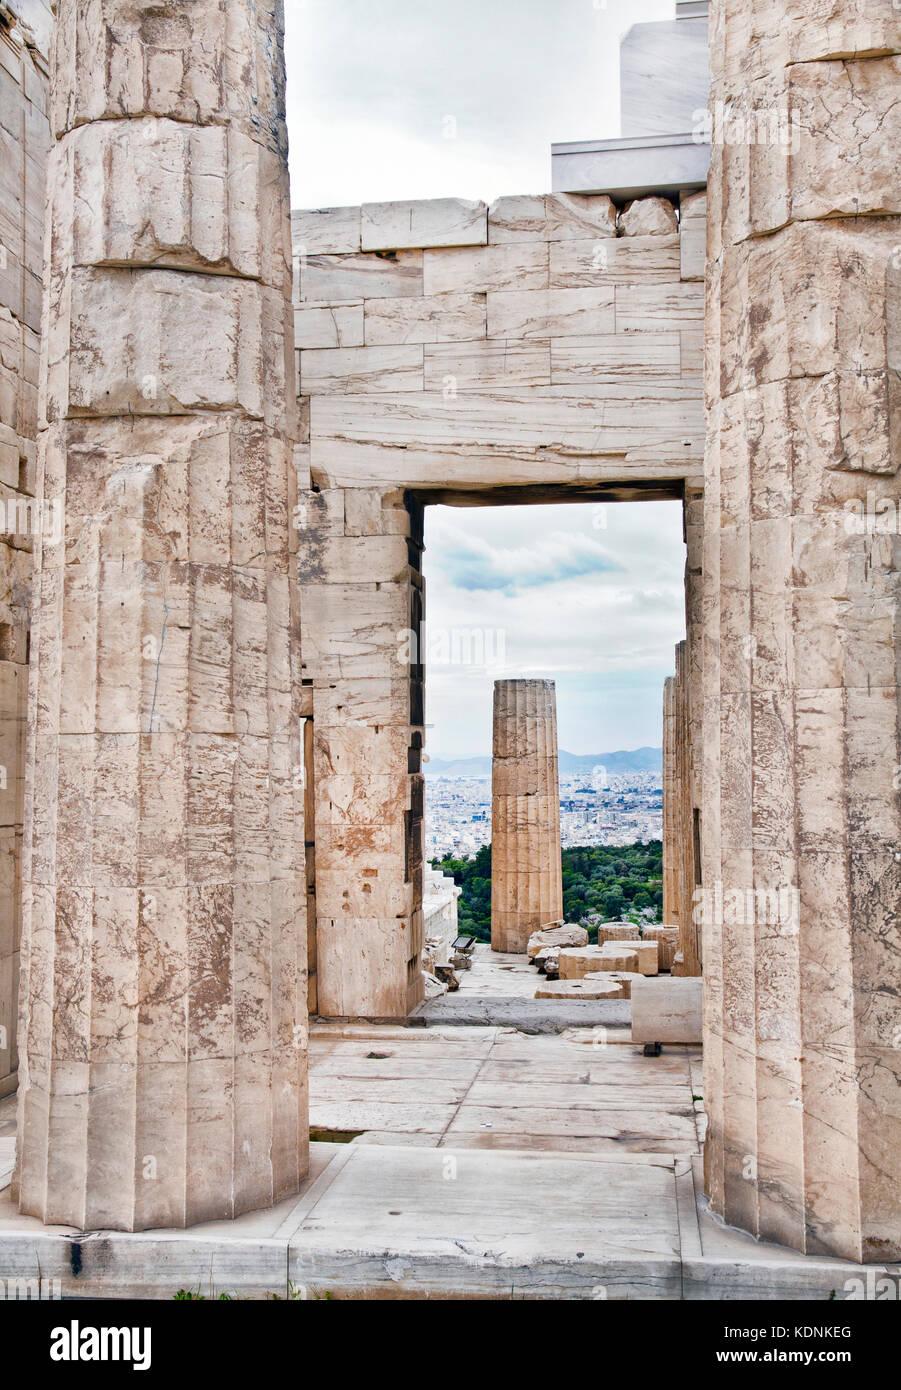 Aus Marmor Reste von Mauern und Säulen befindet sich in der Akropolis in Athen. Stockfoto